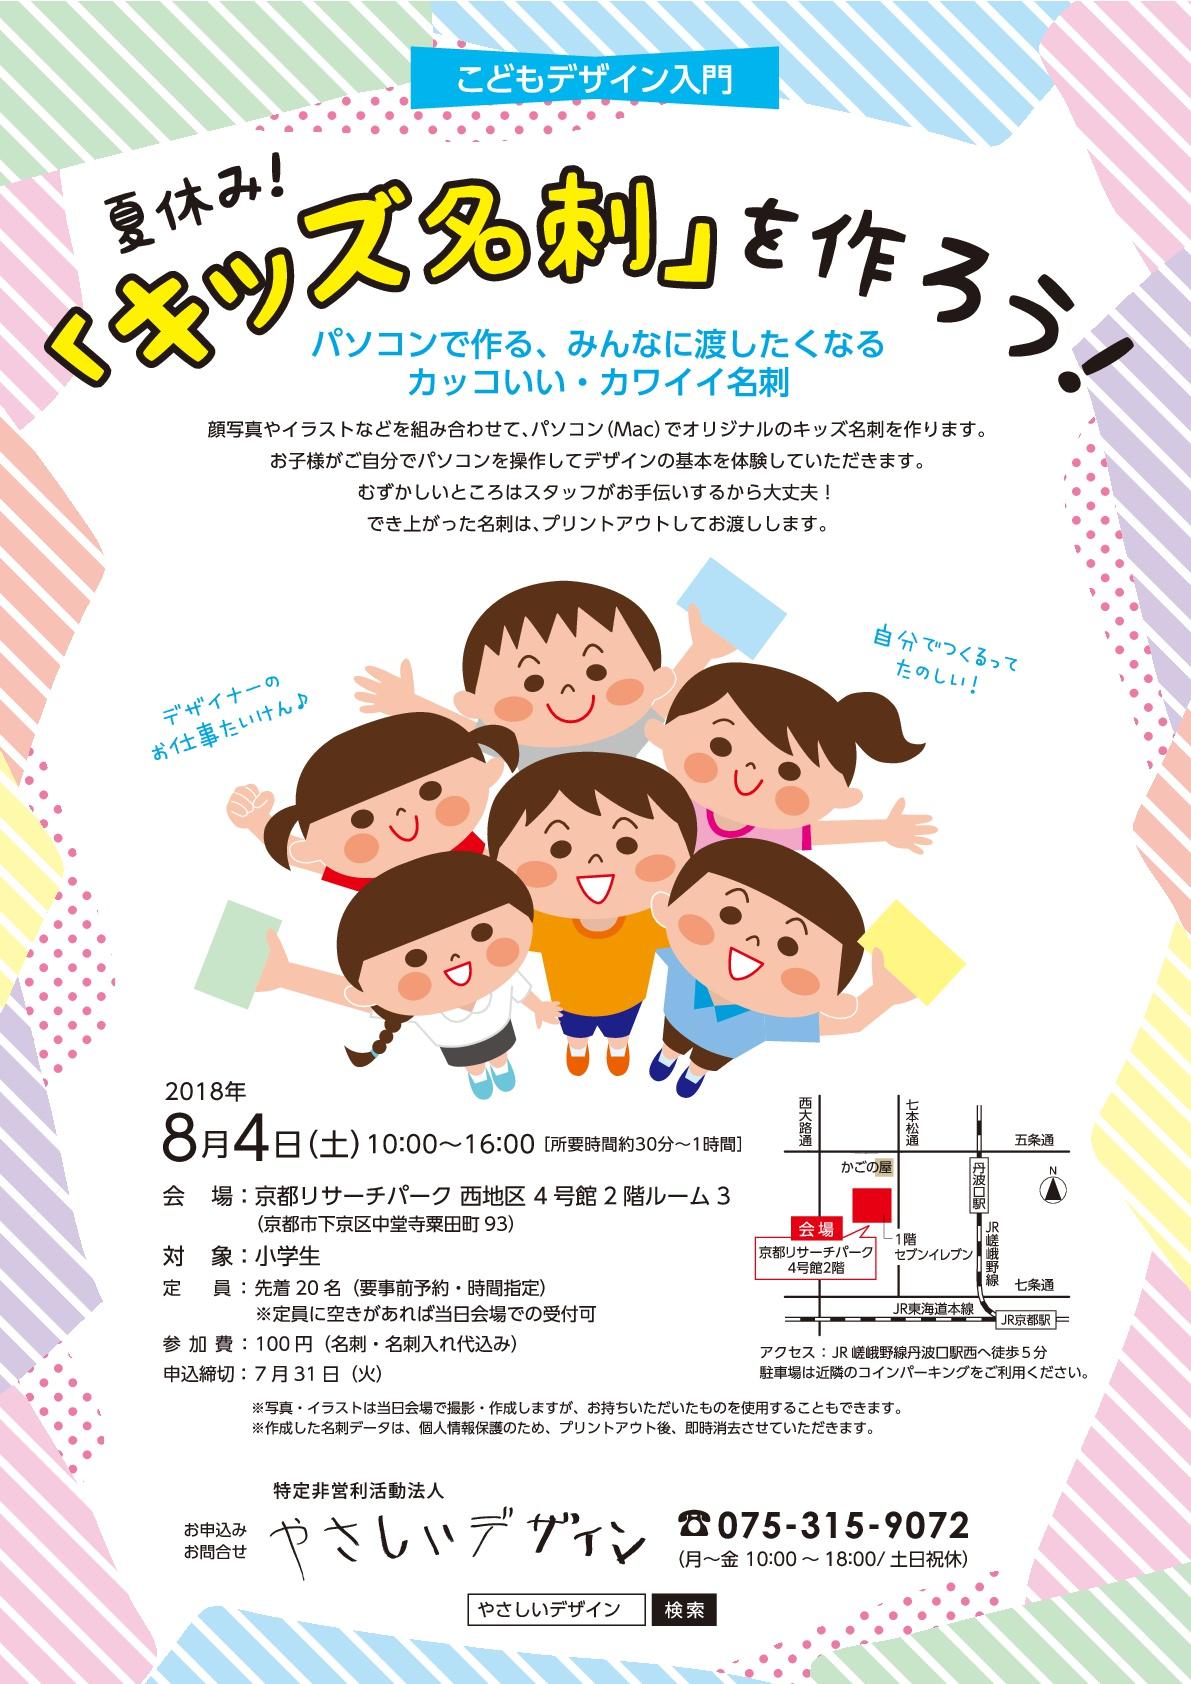 夏休み「キッズ名刺」を作ろう!